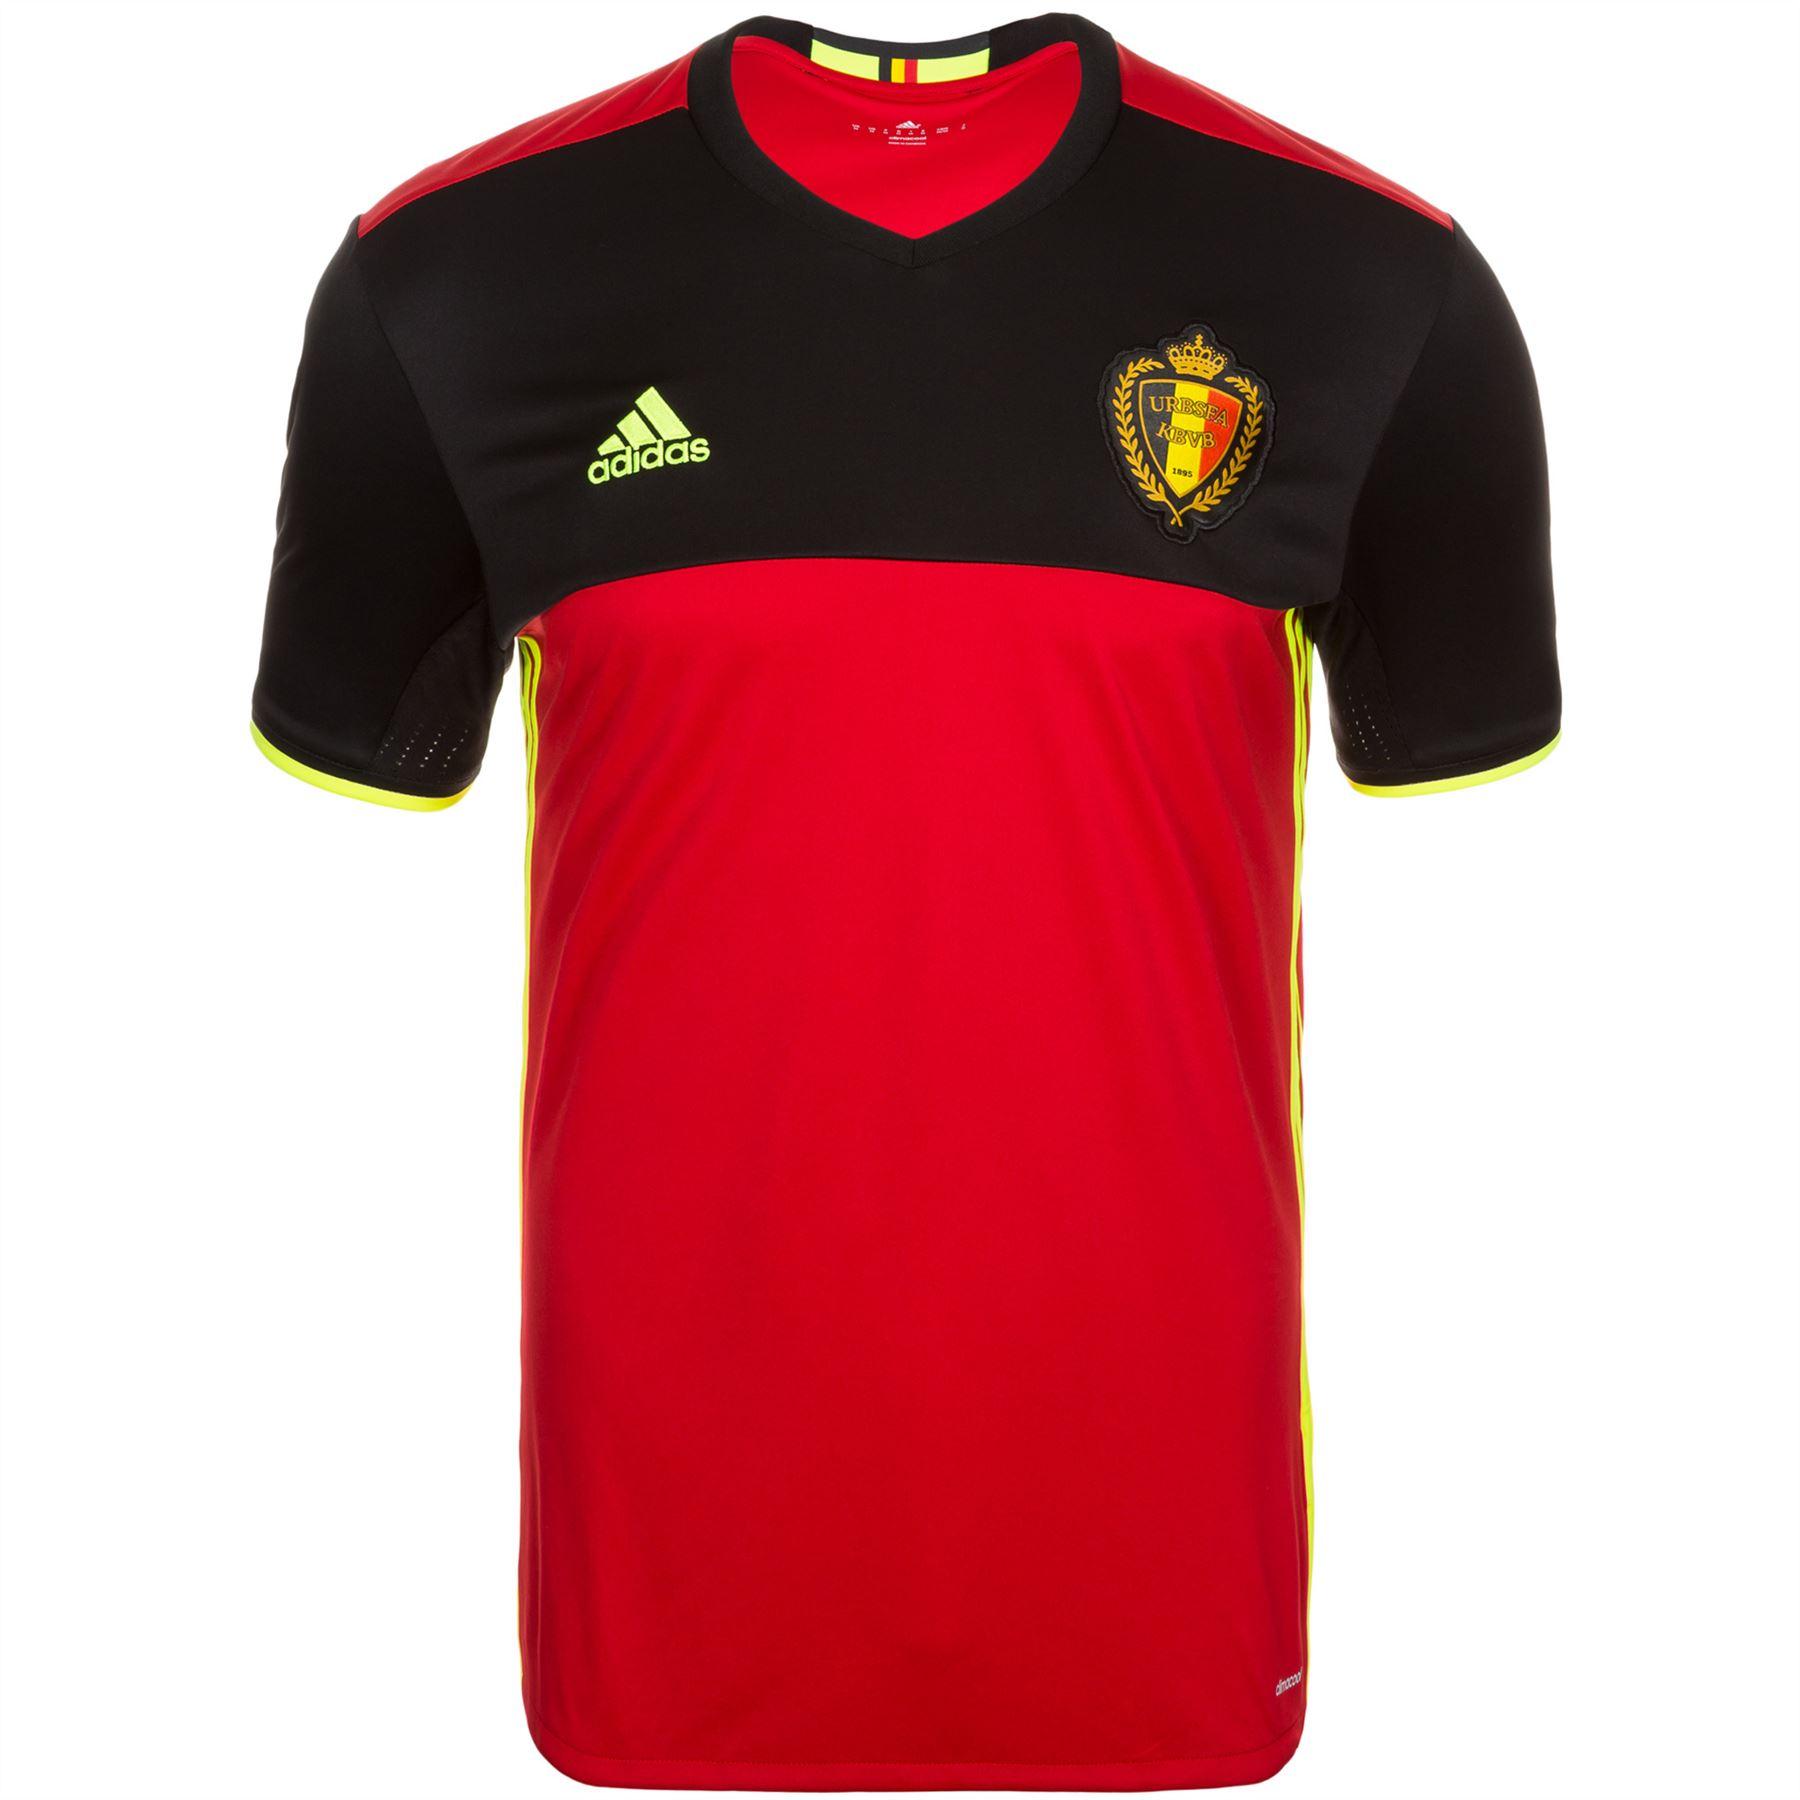 d445d8a34 ... adidas Belgium RBFA Home Jersey 2016 Mens Red/Black Football Soccer  Shirt Top ...